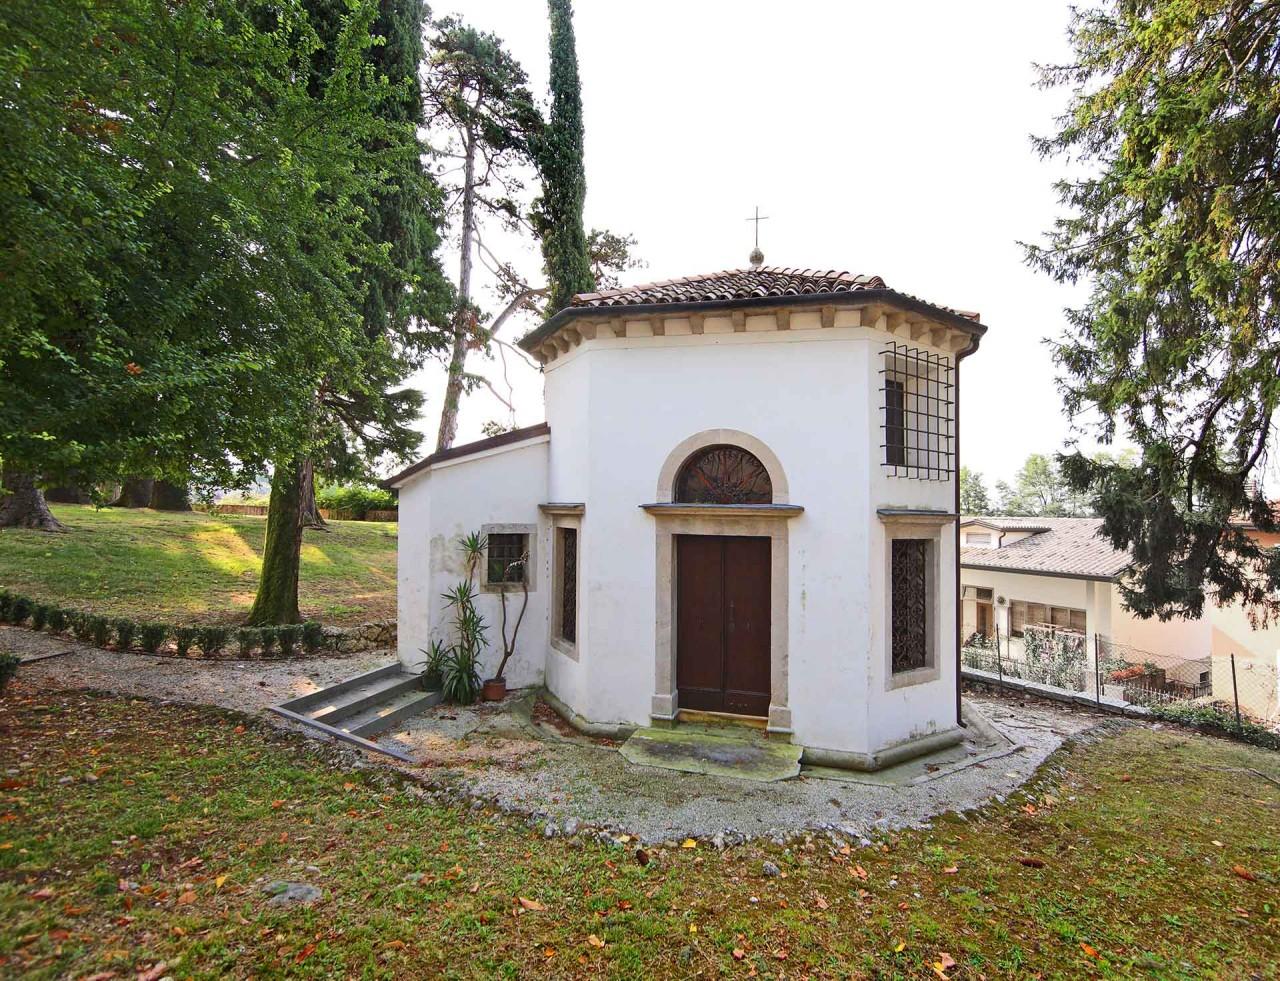 restauro_chiesetta_soligo_2-e1444137801575